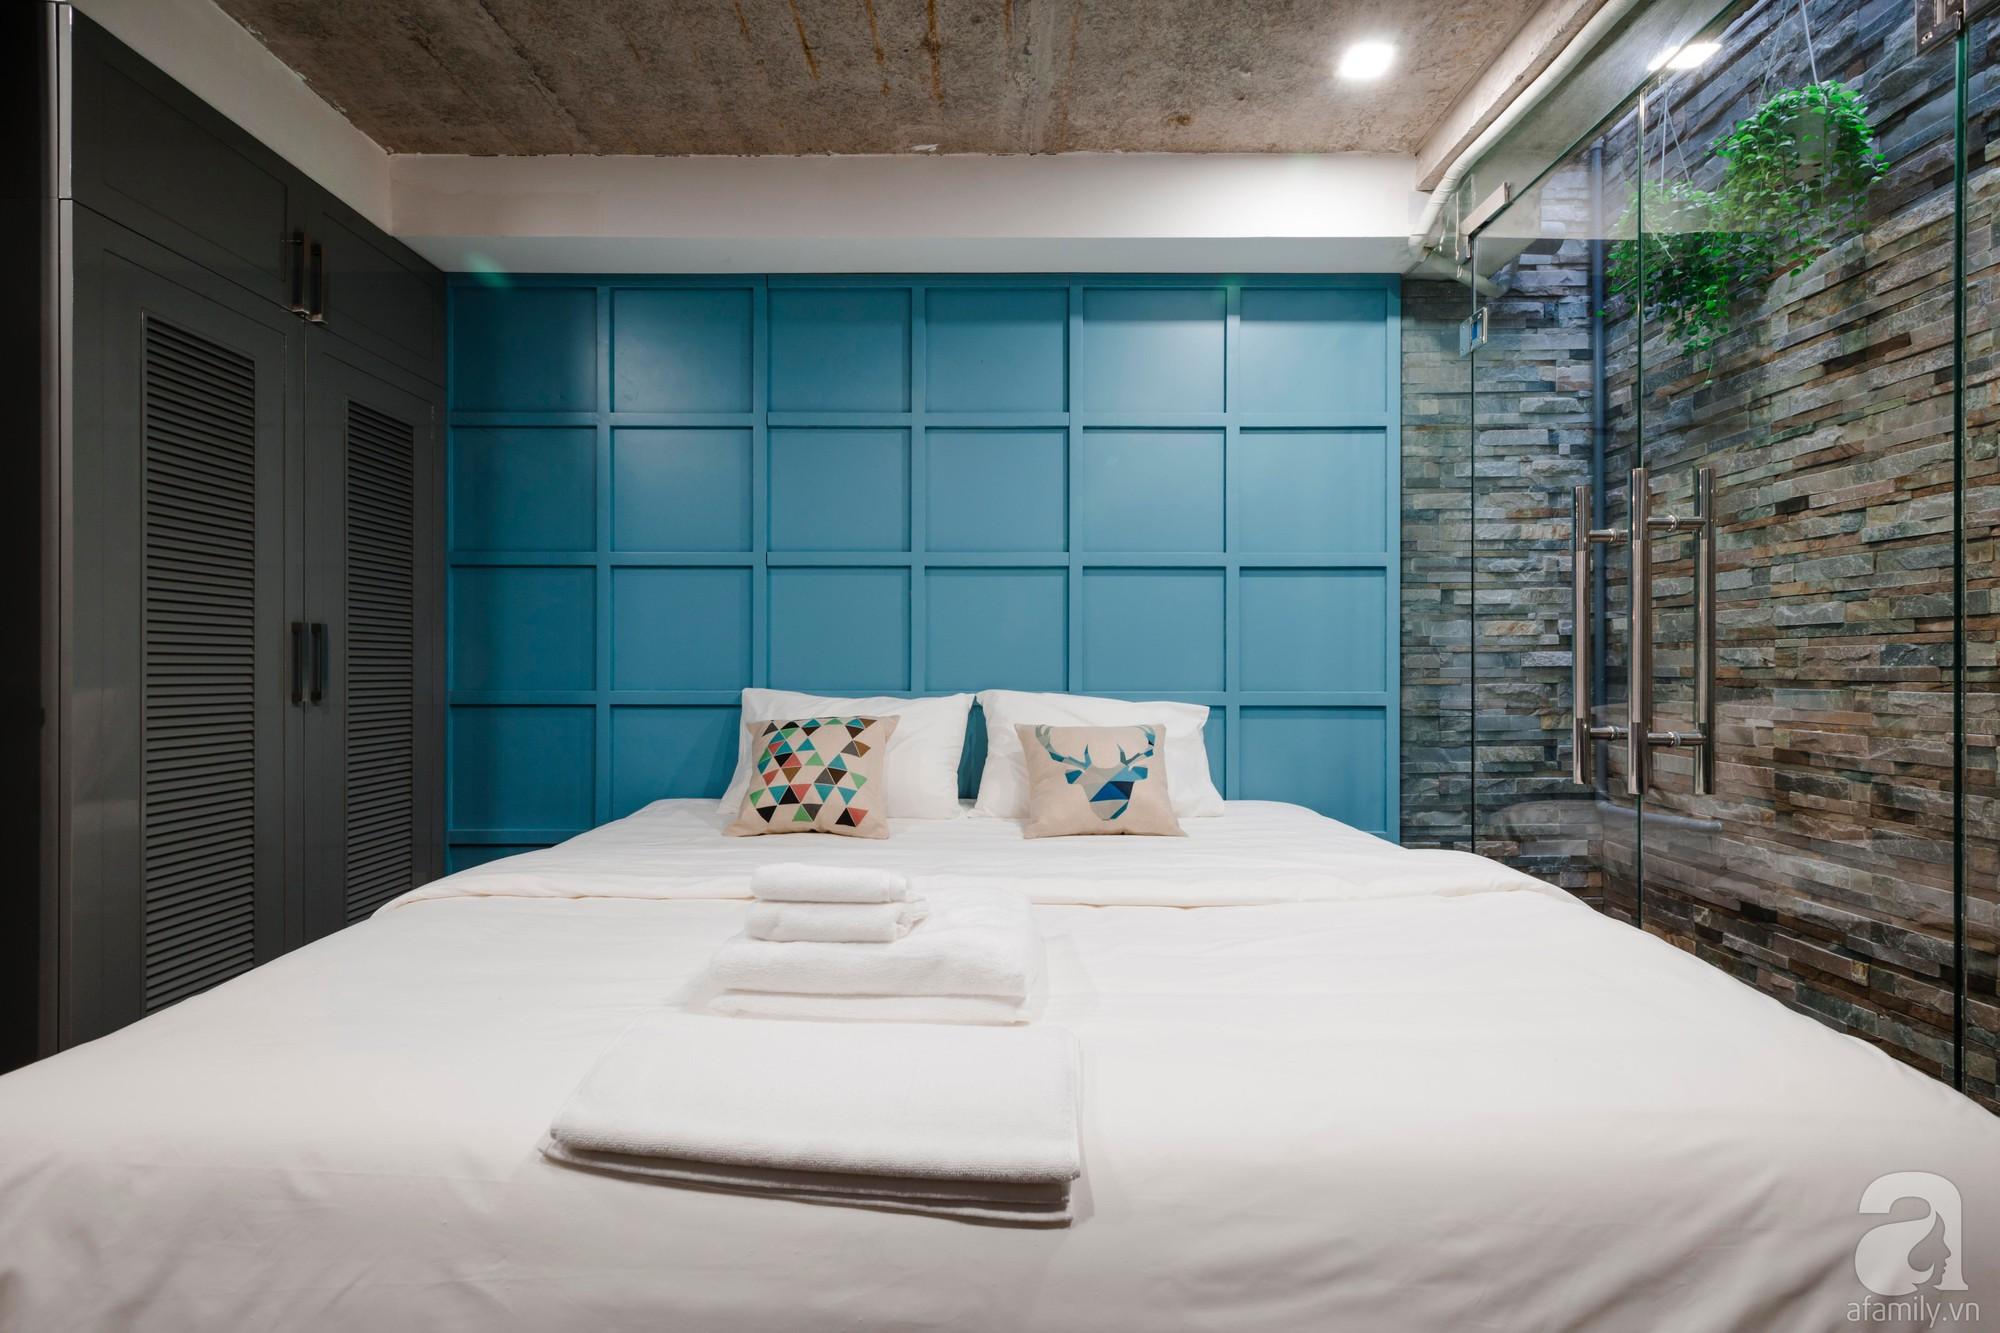 Căn hộ 55m² được cải tạo từ tầng hầm đẹp bất ngờ với điểm nhấn màu xanh biển mát lành ở TP HCM - Ảnh 10.